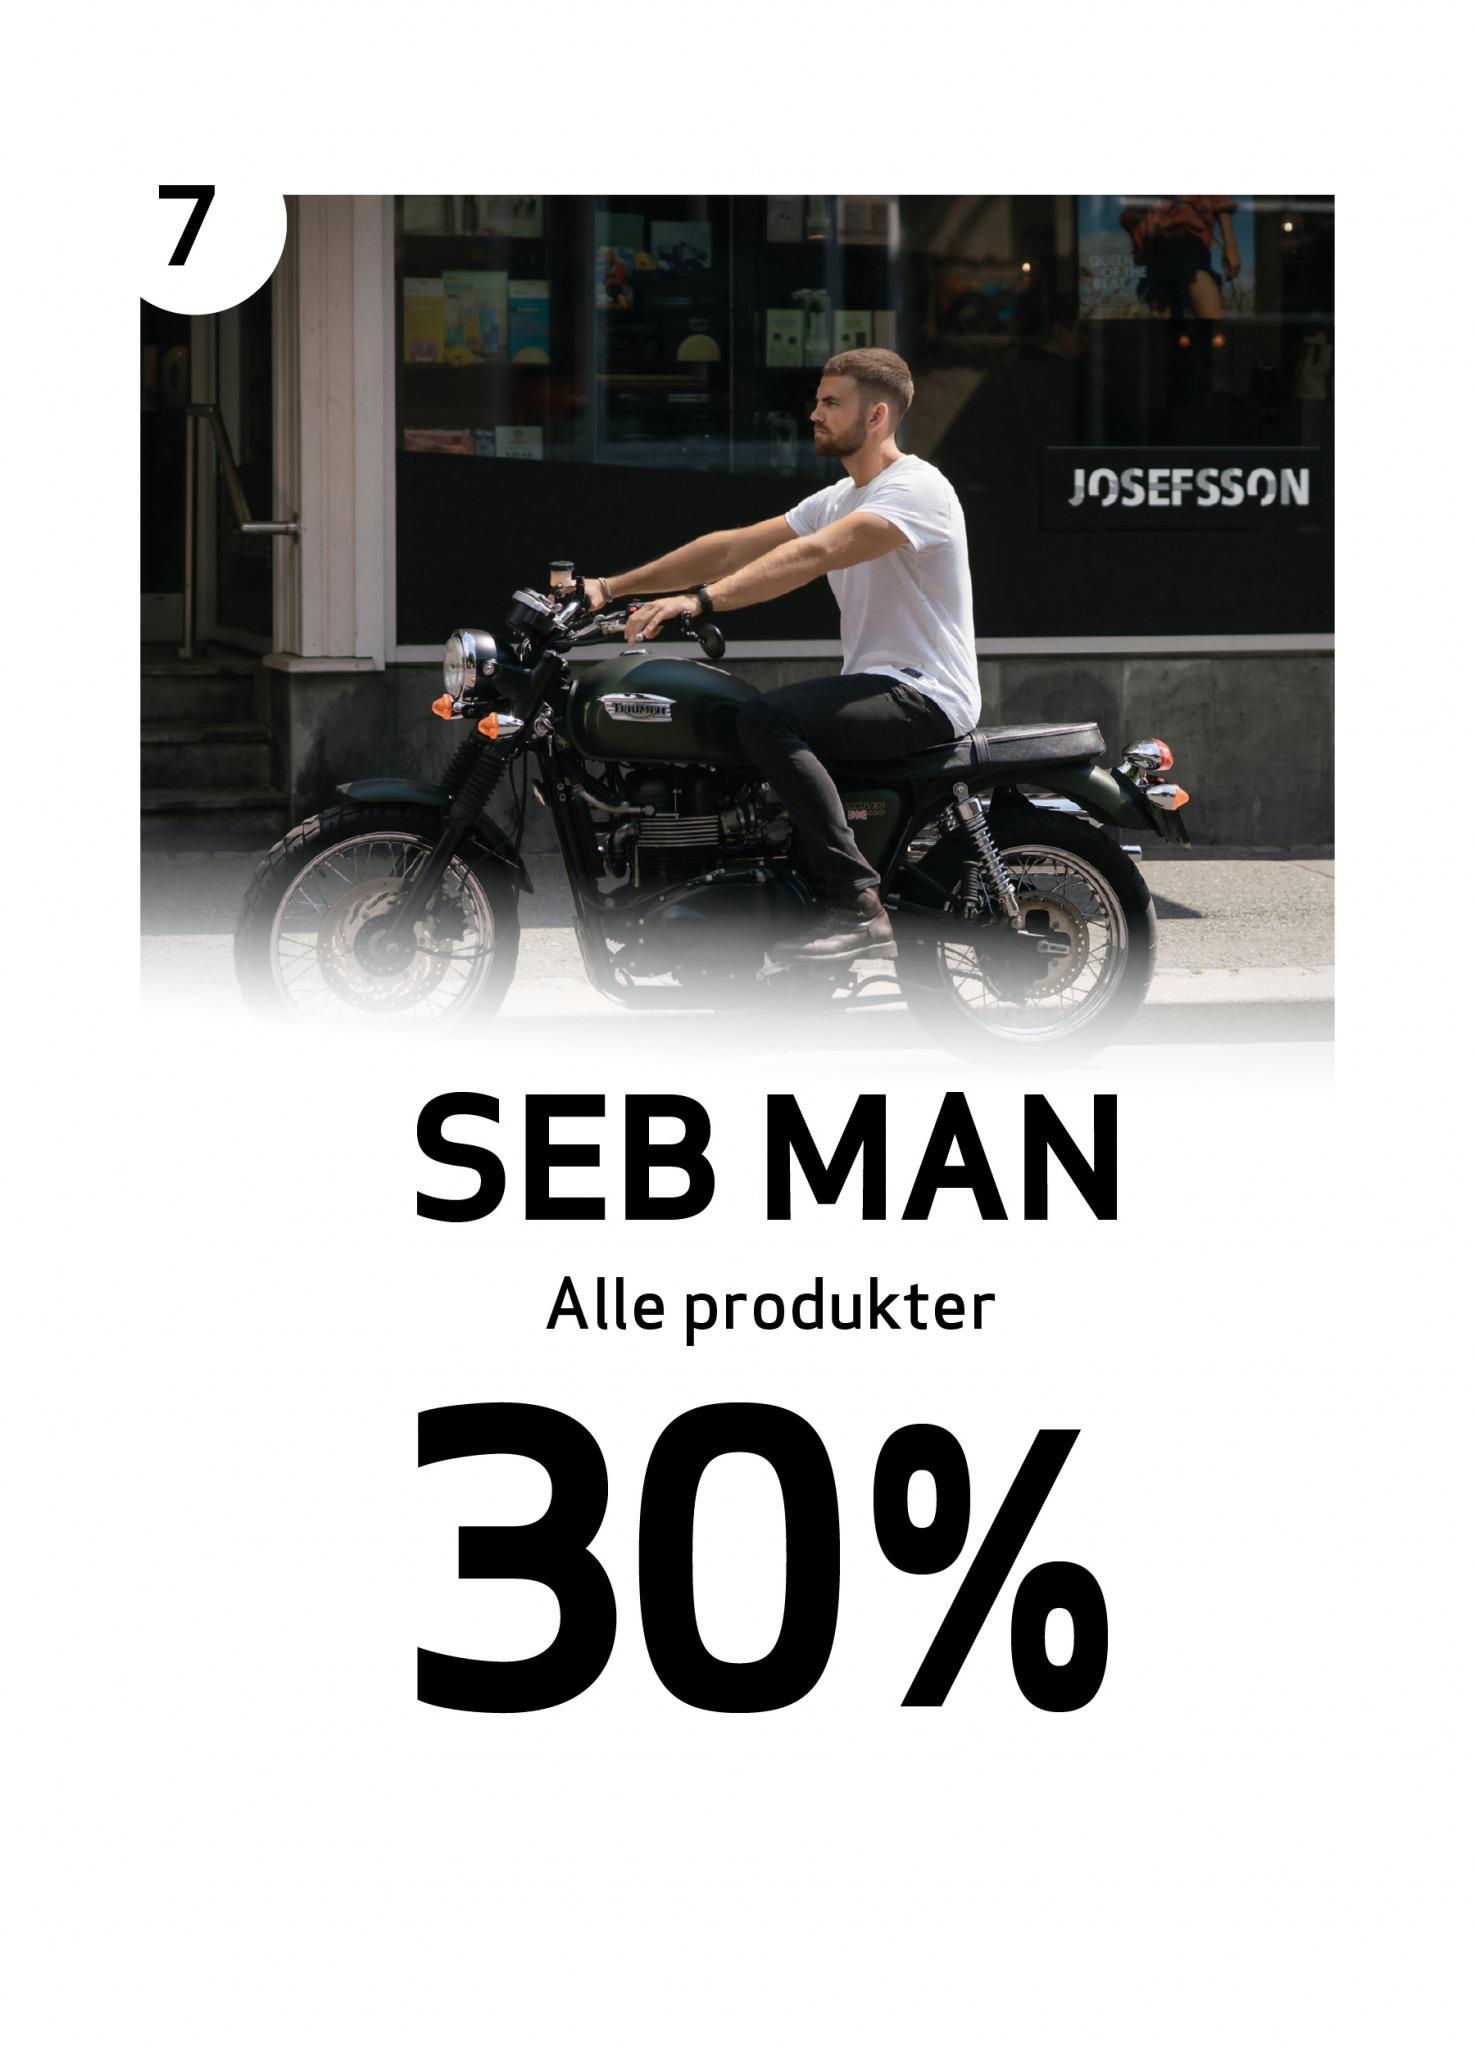 Mann med nyklippet hår og trimmet skjegg på motorsykkel utenfor Josefsson-salong og teksten 30% på alle varer fra SEB MAN